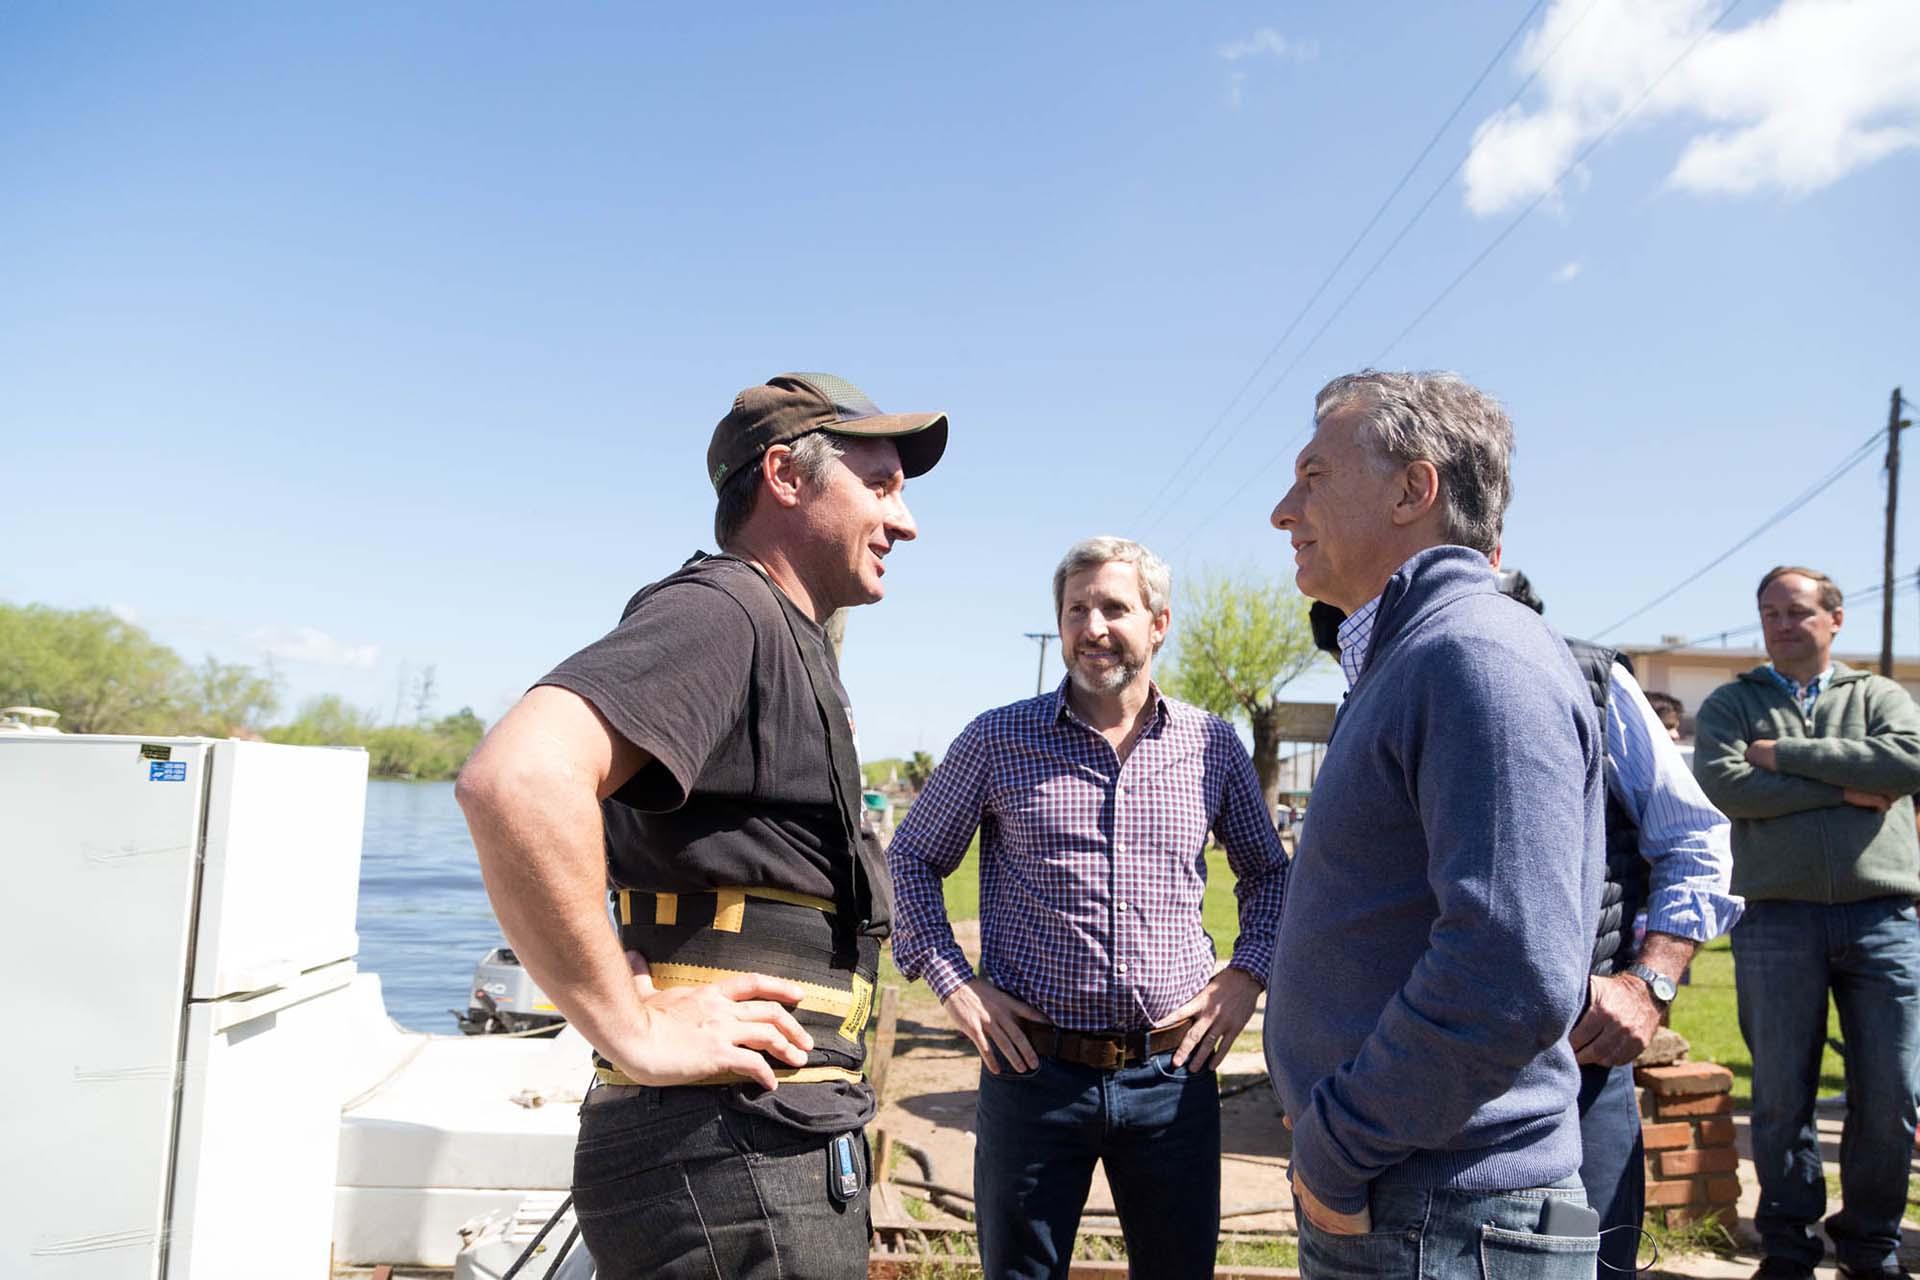 El Presidente y Frigerio, junto a un productor local de Entre Ríos